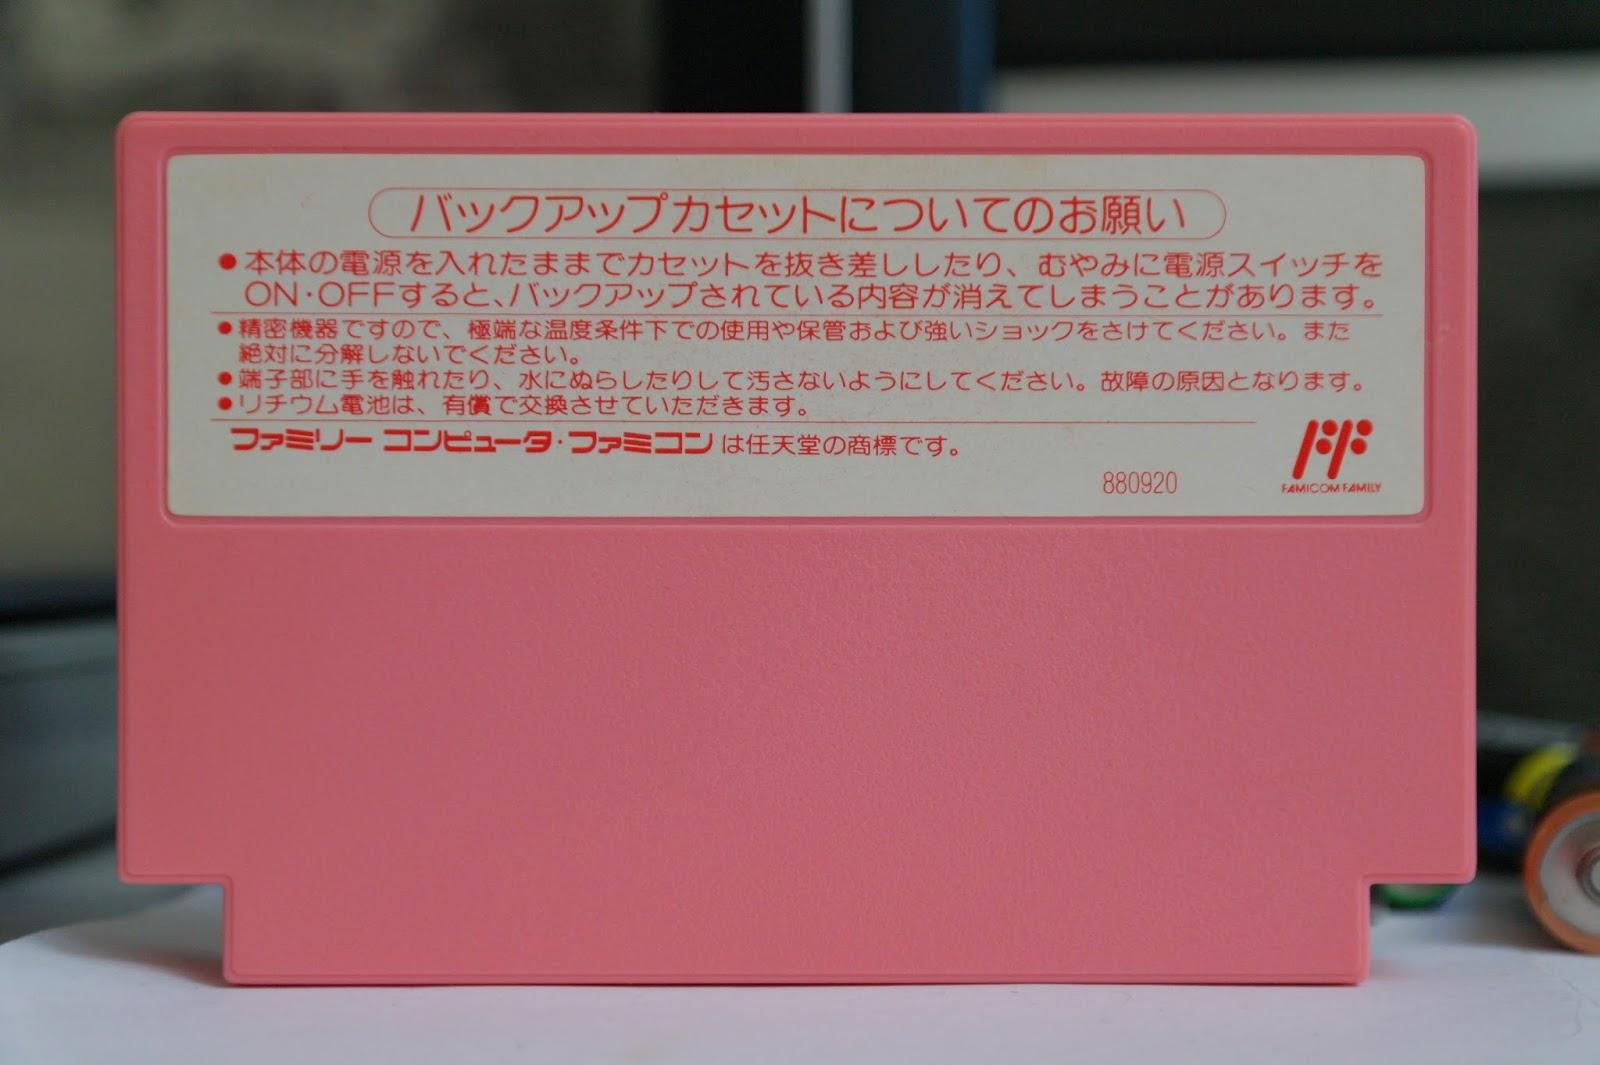 Hoshi No Kirby Famicom